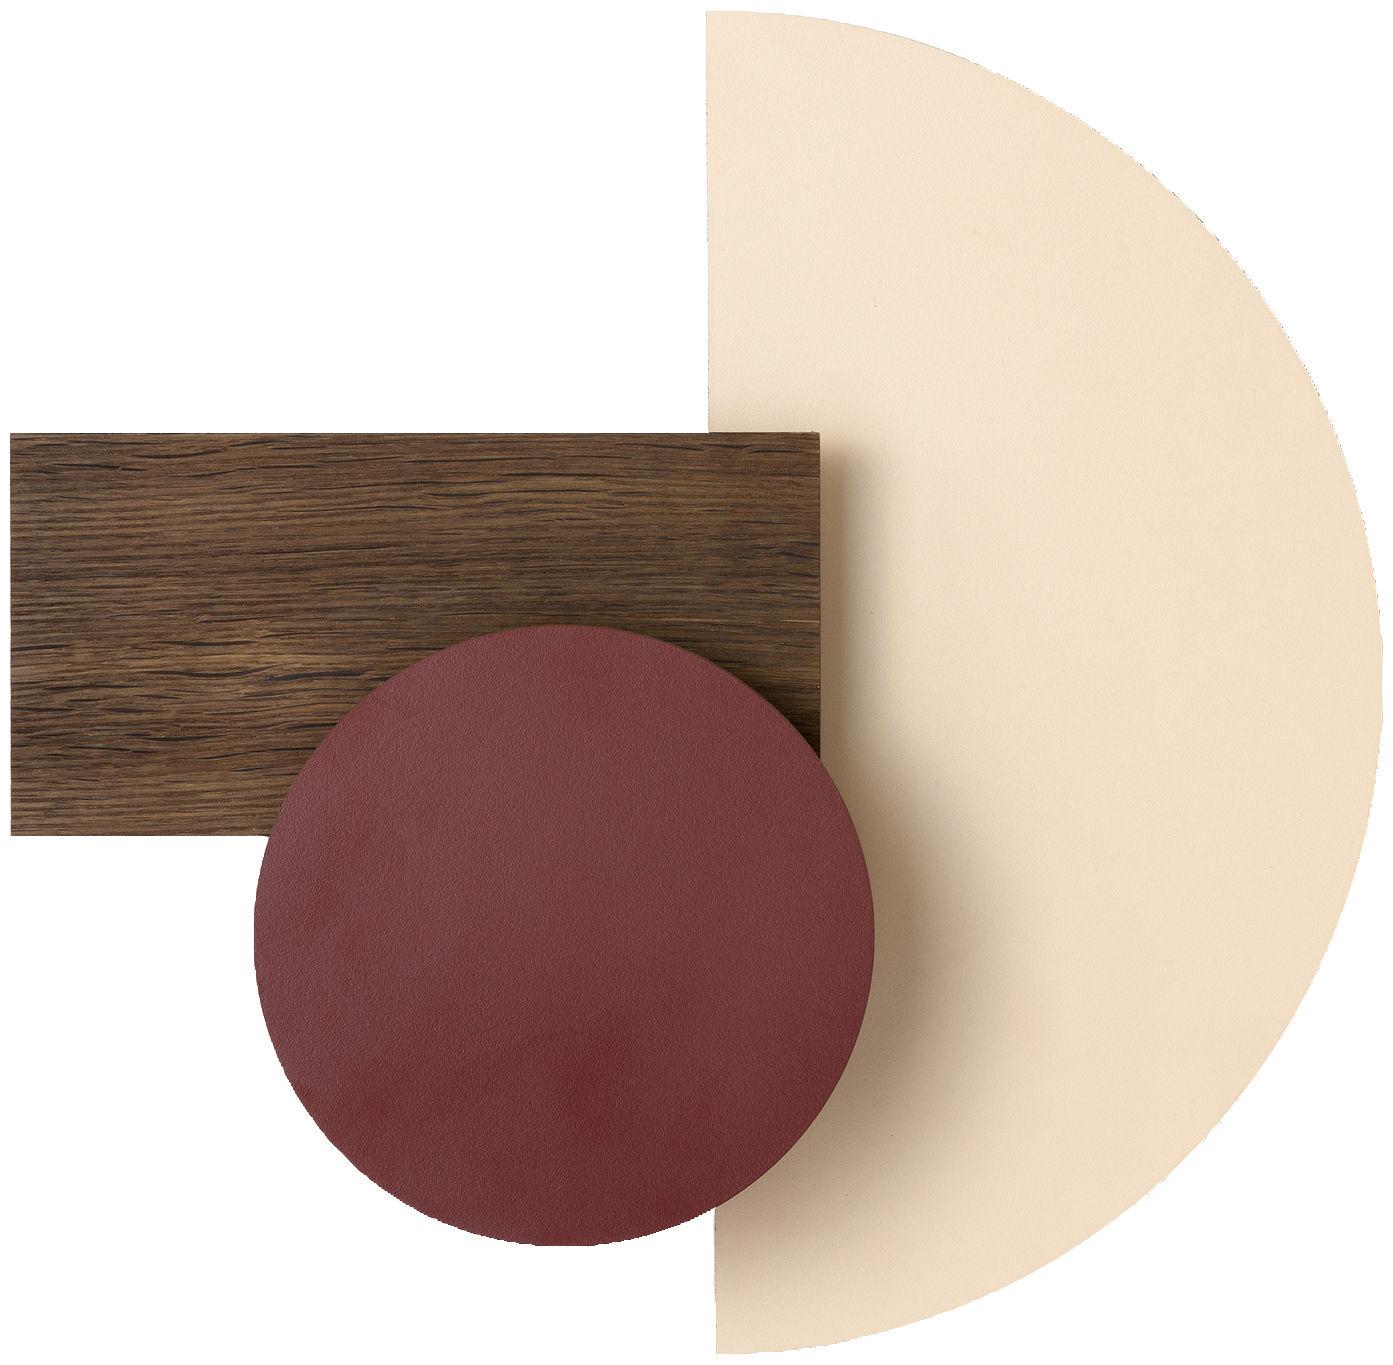 Luminaire - Appliques - Applique avec prise Wall Wonder - Ferm Living - Bordeaux / Beige / Bois - Chêne fumé, Laiton, Laminé peint